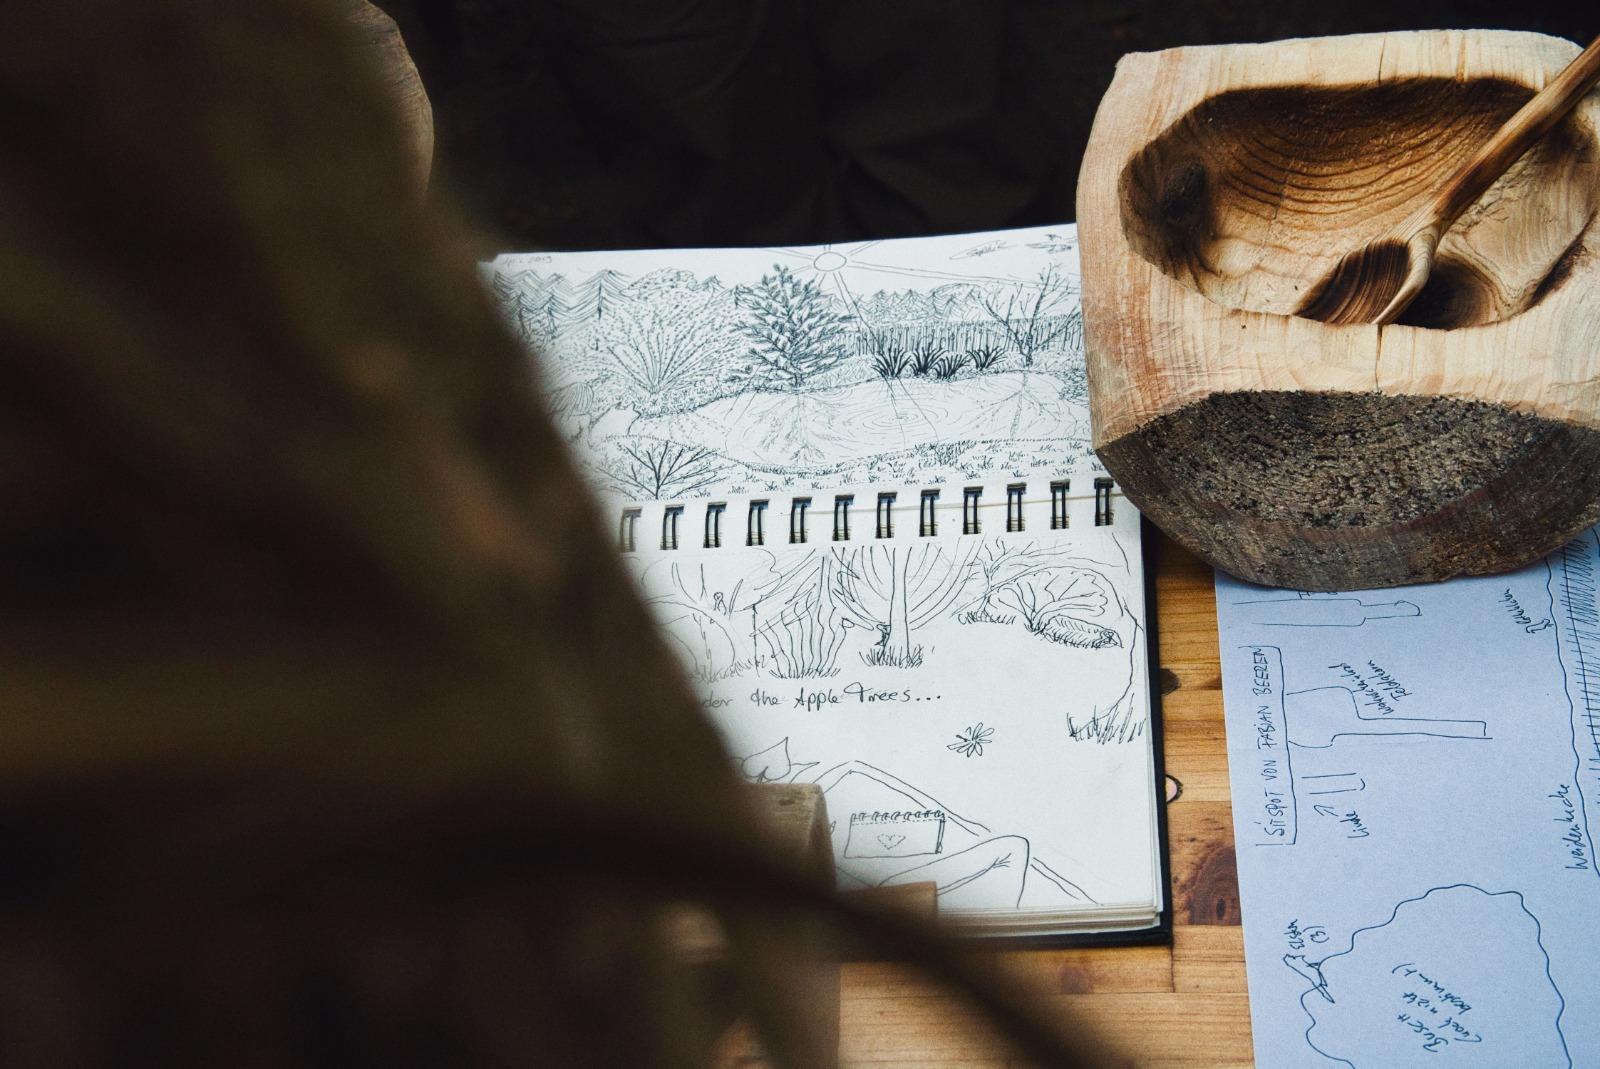 Natur- und Wildnispädagogik